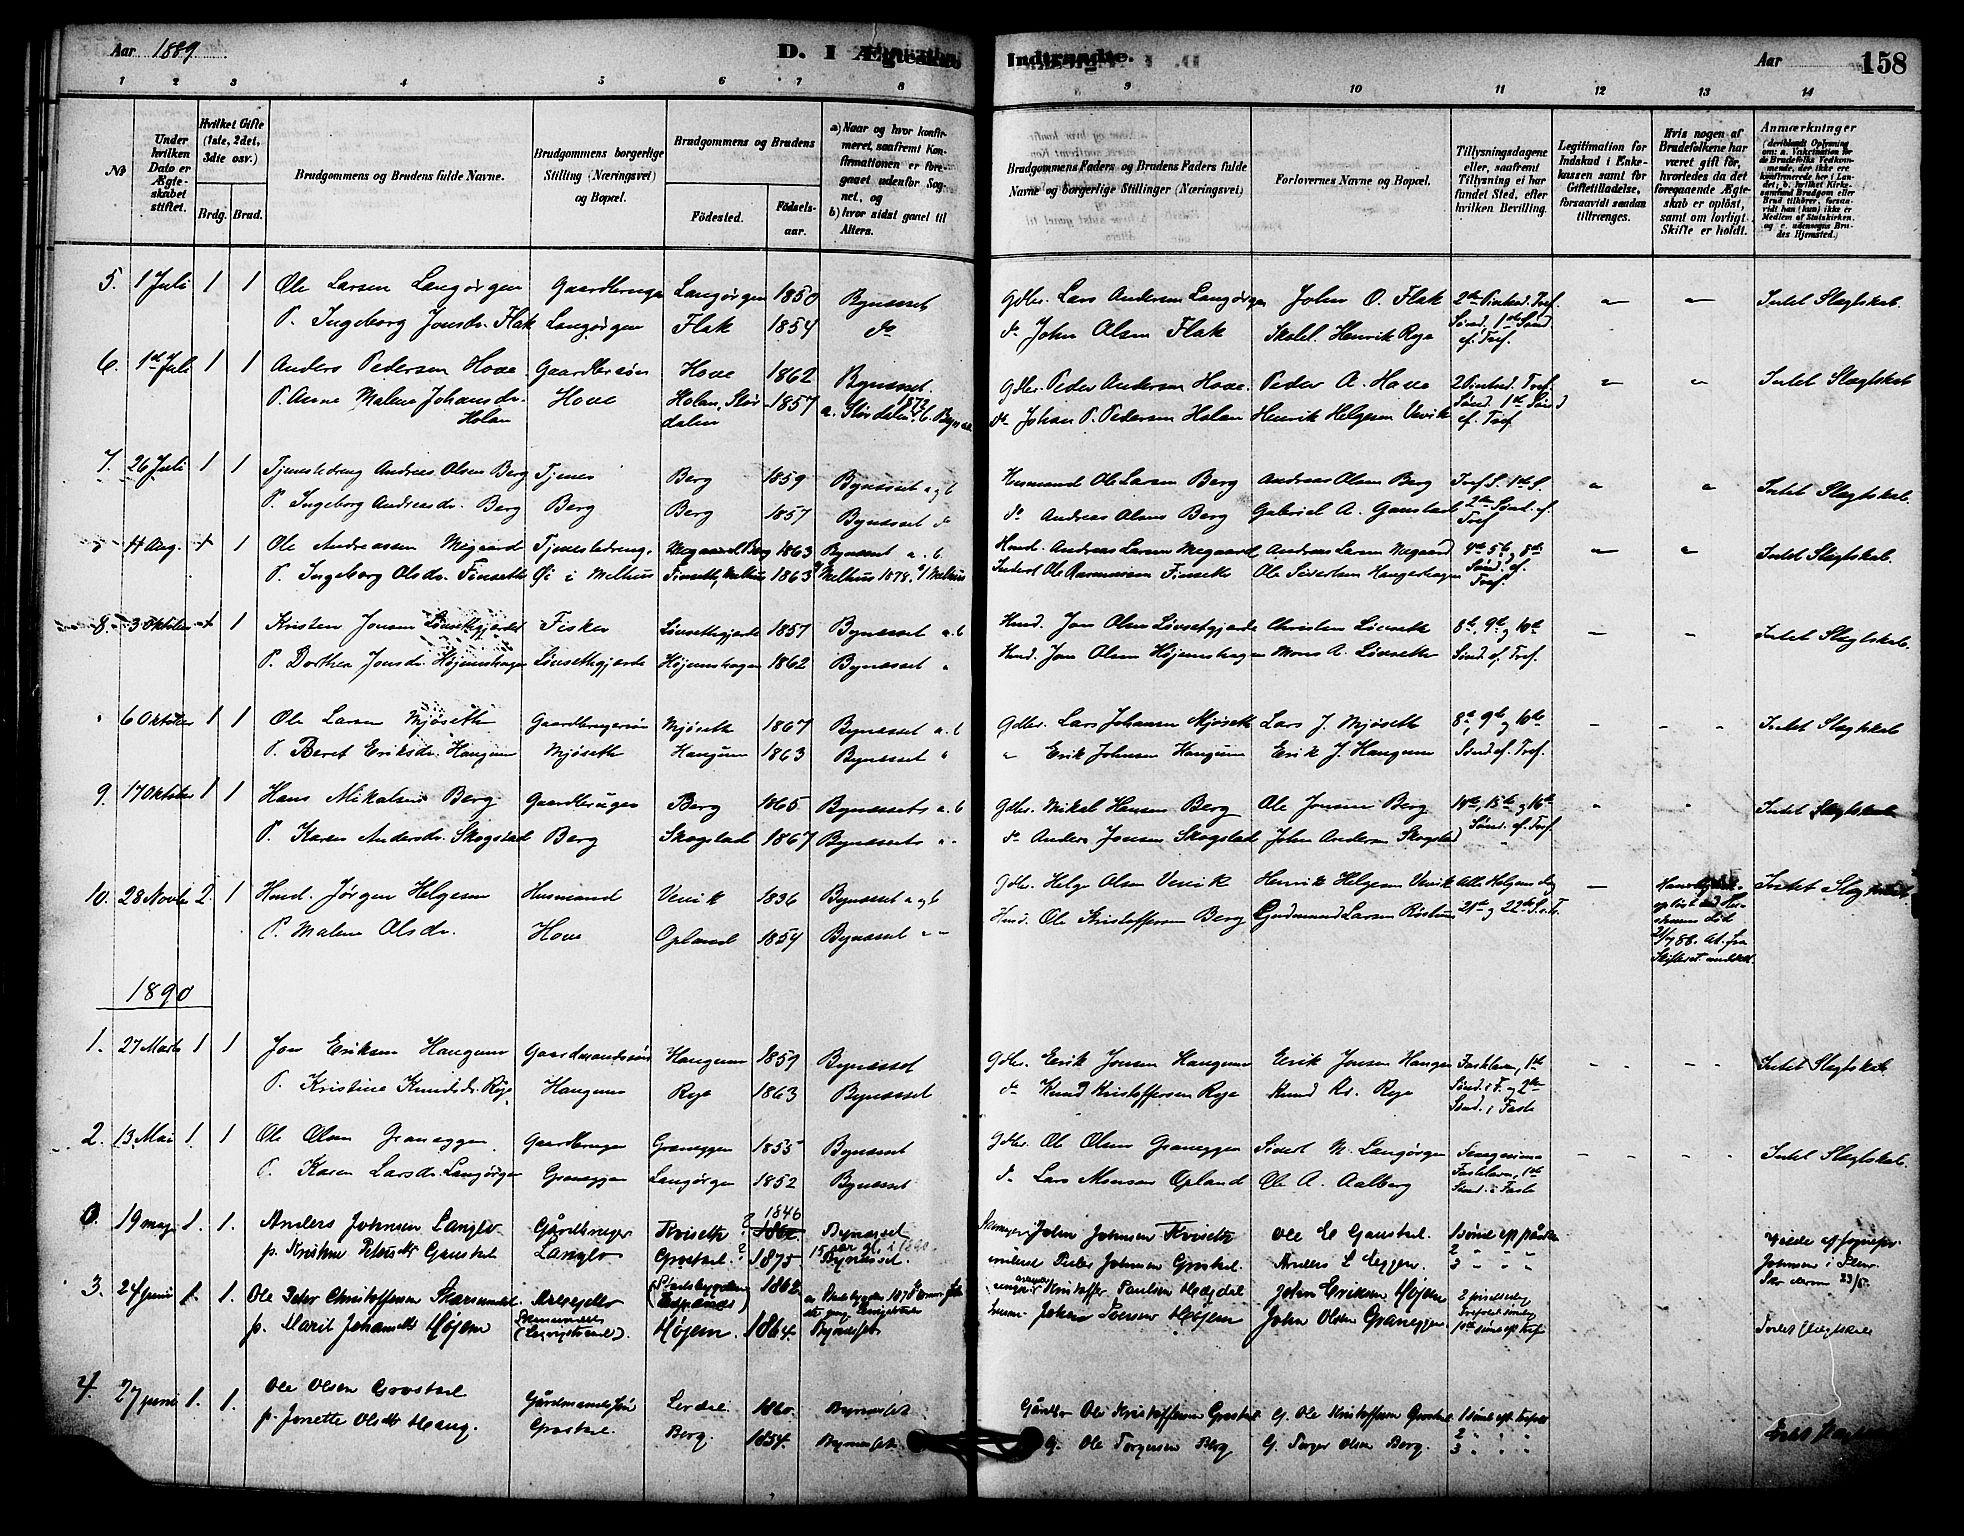 SAT, Ministerialprotokoller, klokkerbøker og fødselsregistre - Sør-Trøndelag, 612/L0378: Ministerialbok nr. 612A10, 1878-1897, s. 158